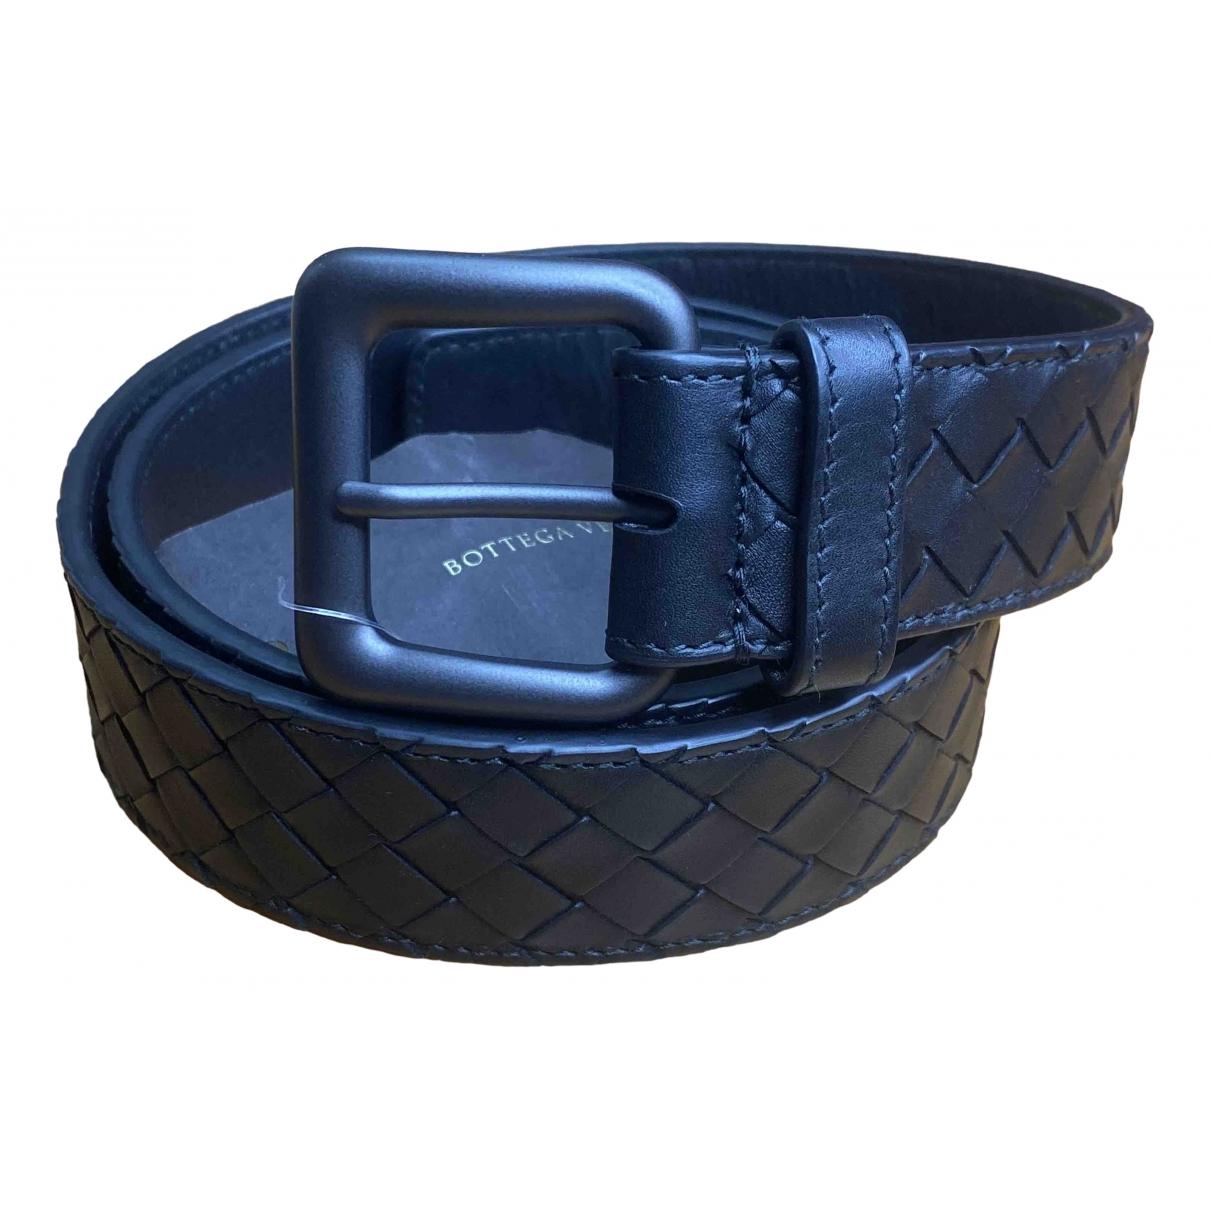 Bottega Veneta \N Black Leather belt for Women 95 cm